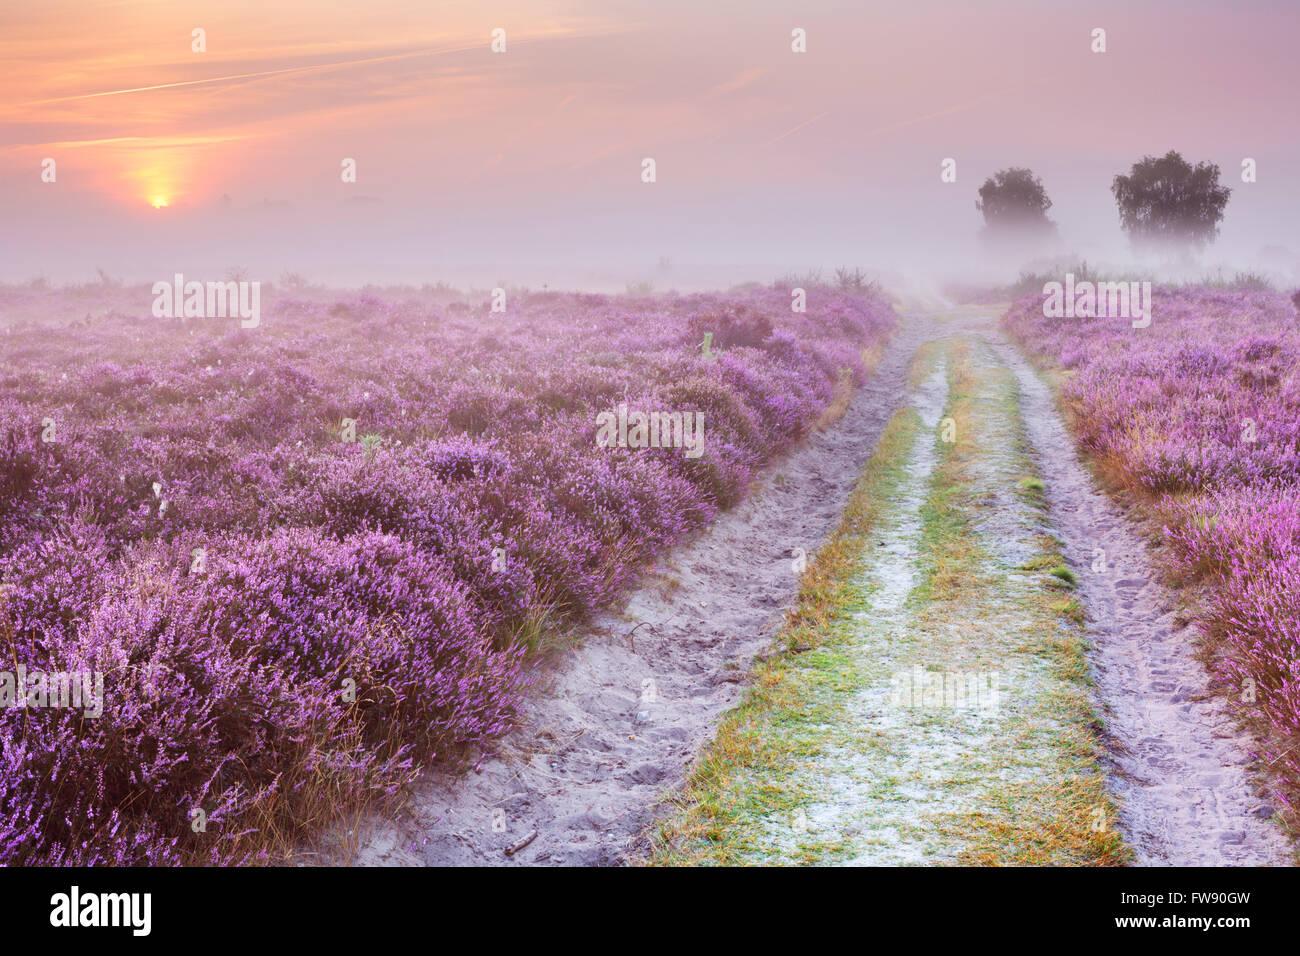 Percorso attraverso il blooming heather su una mattinata nebbiosa a sunrise. Fotografato vicino a Hilversum nei Immagini Stock